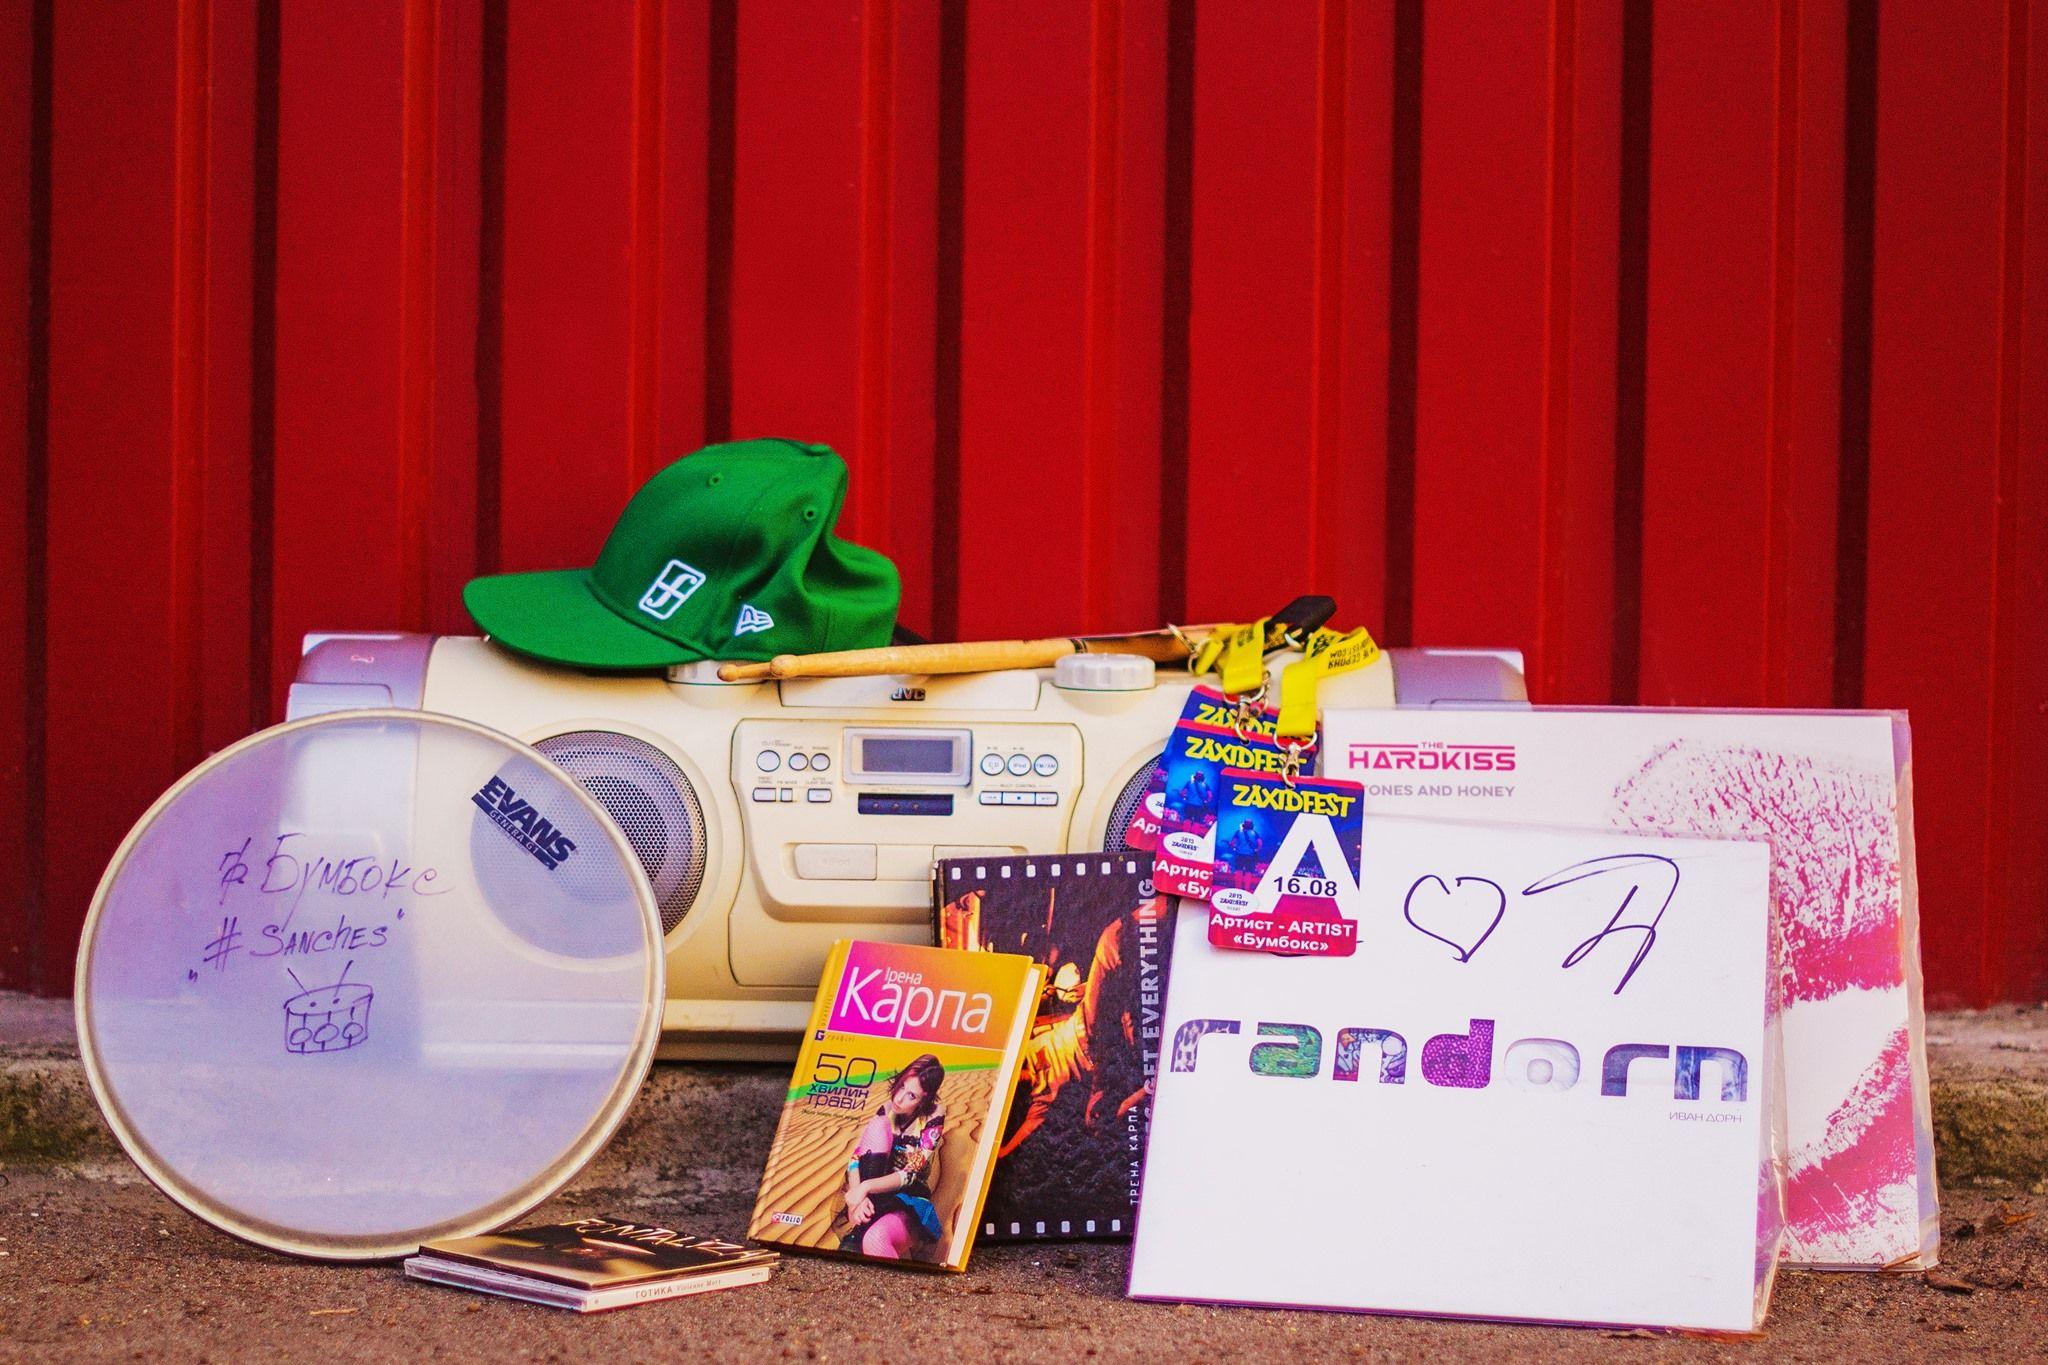 Украшения Джамалы и книги Карпы. Где можно купить вещи украинских и мировых музыкантов